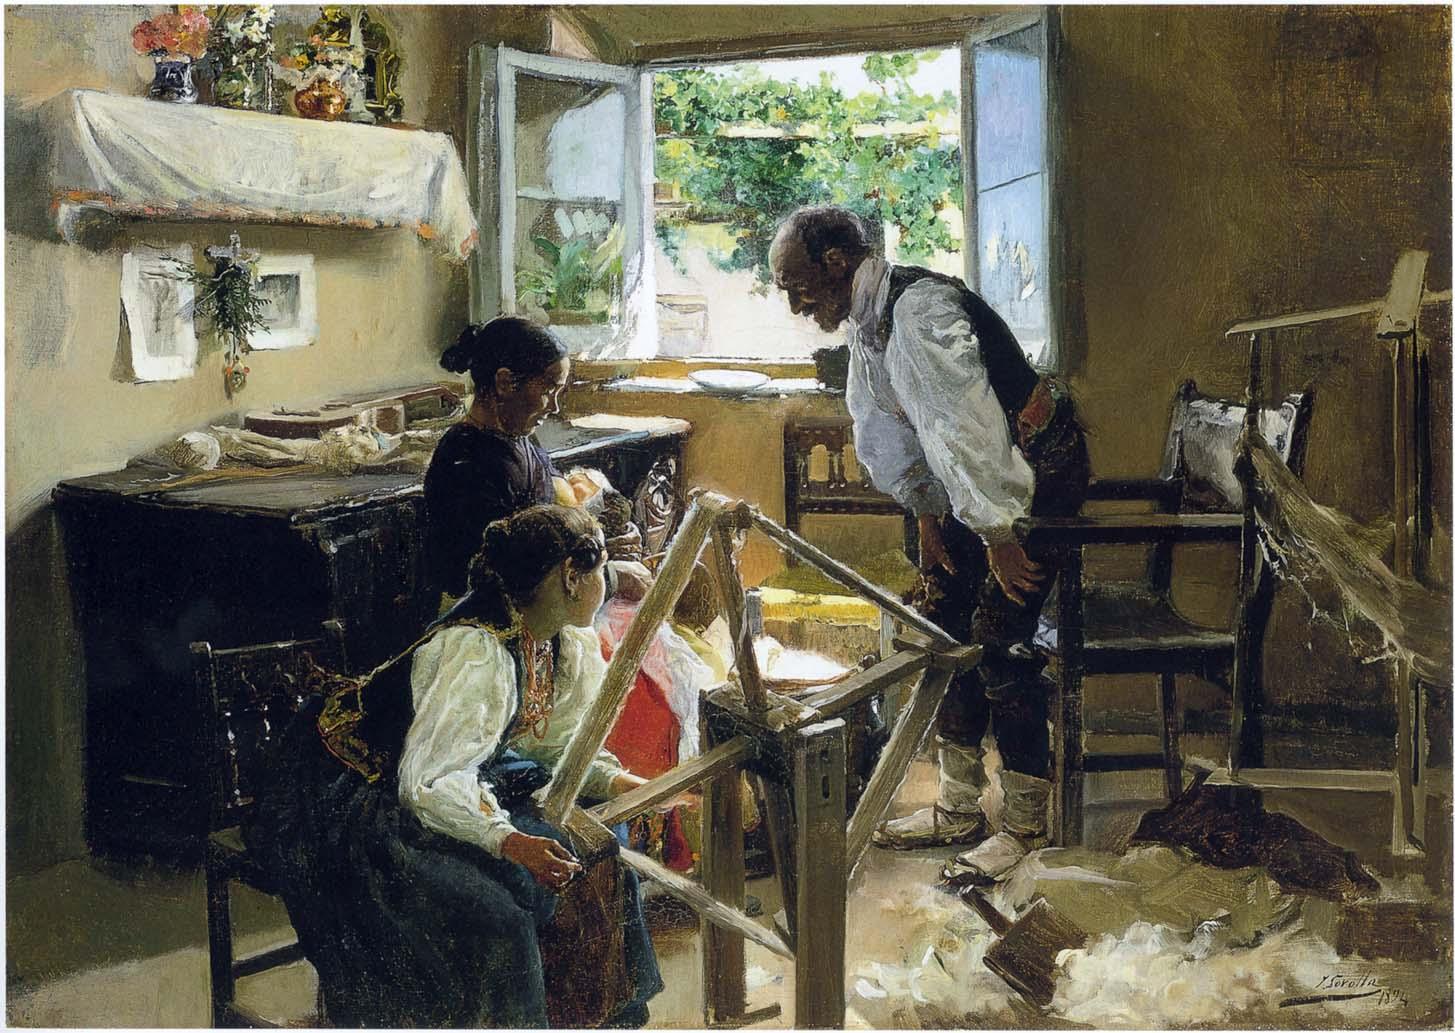 >>>El dia a dia de ayer y de hoy en la pintura>>> - Página 2 The-suckling-child-1894